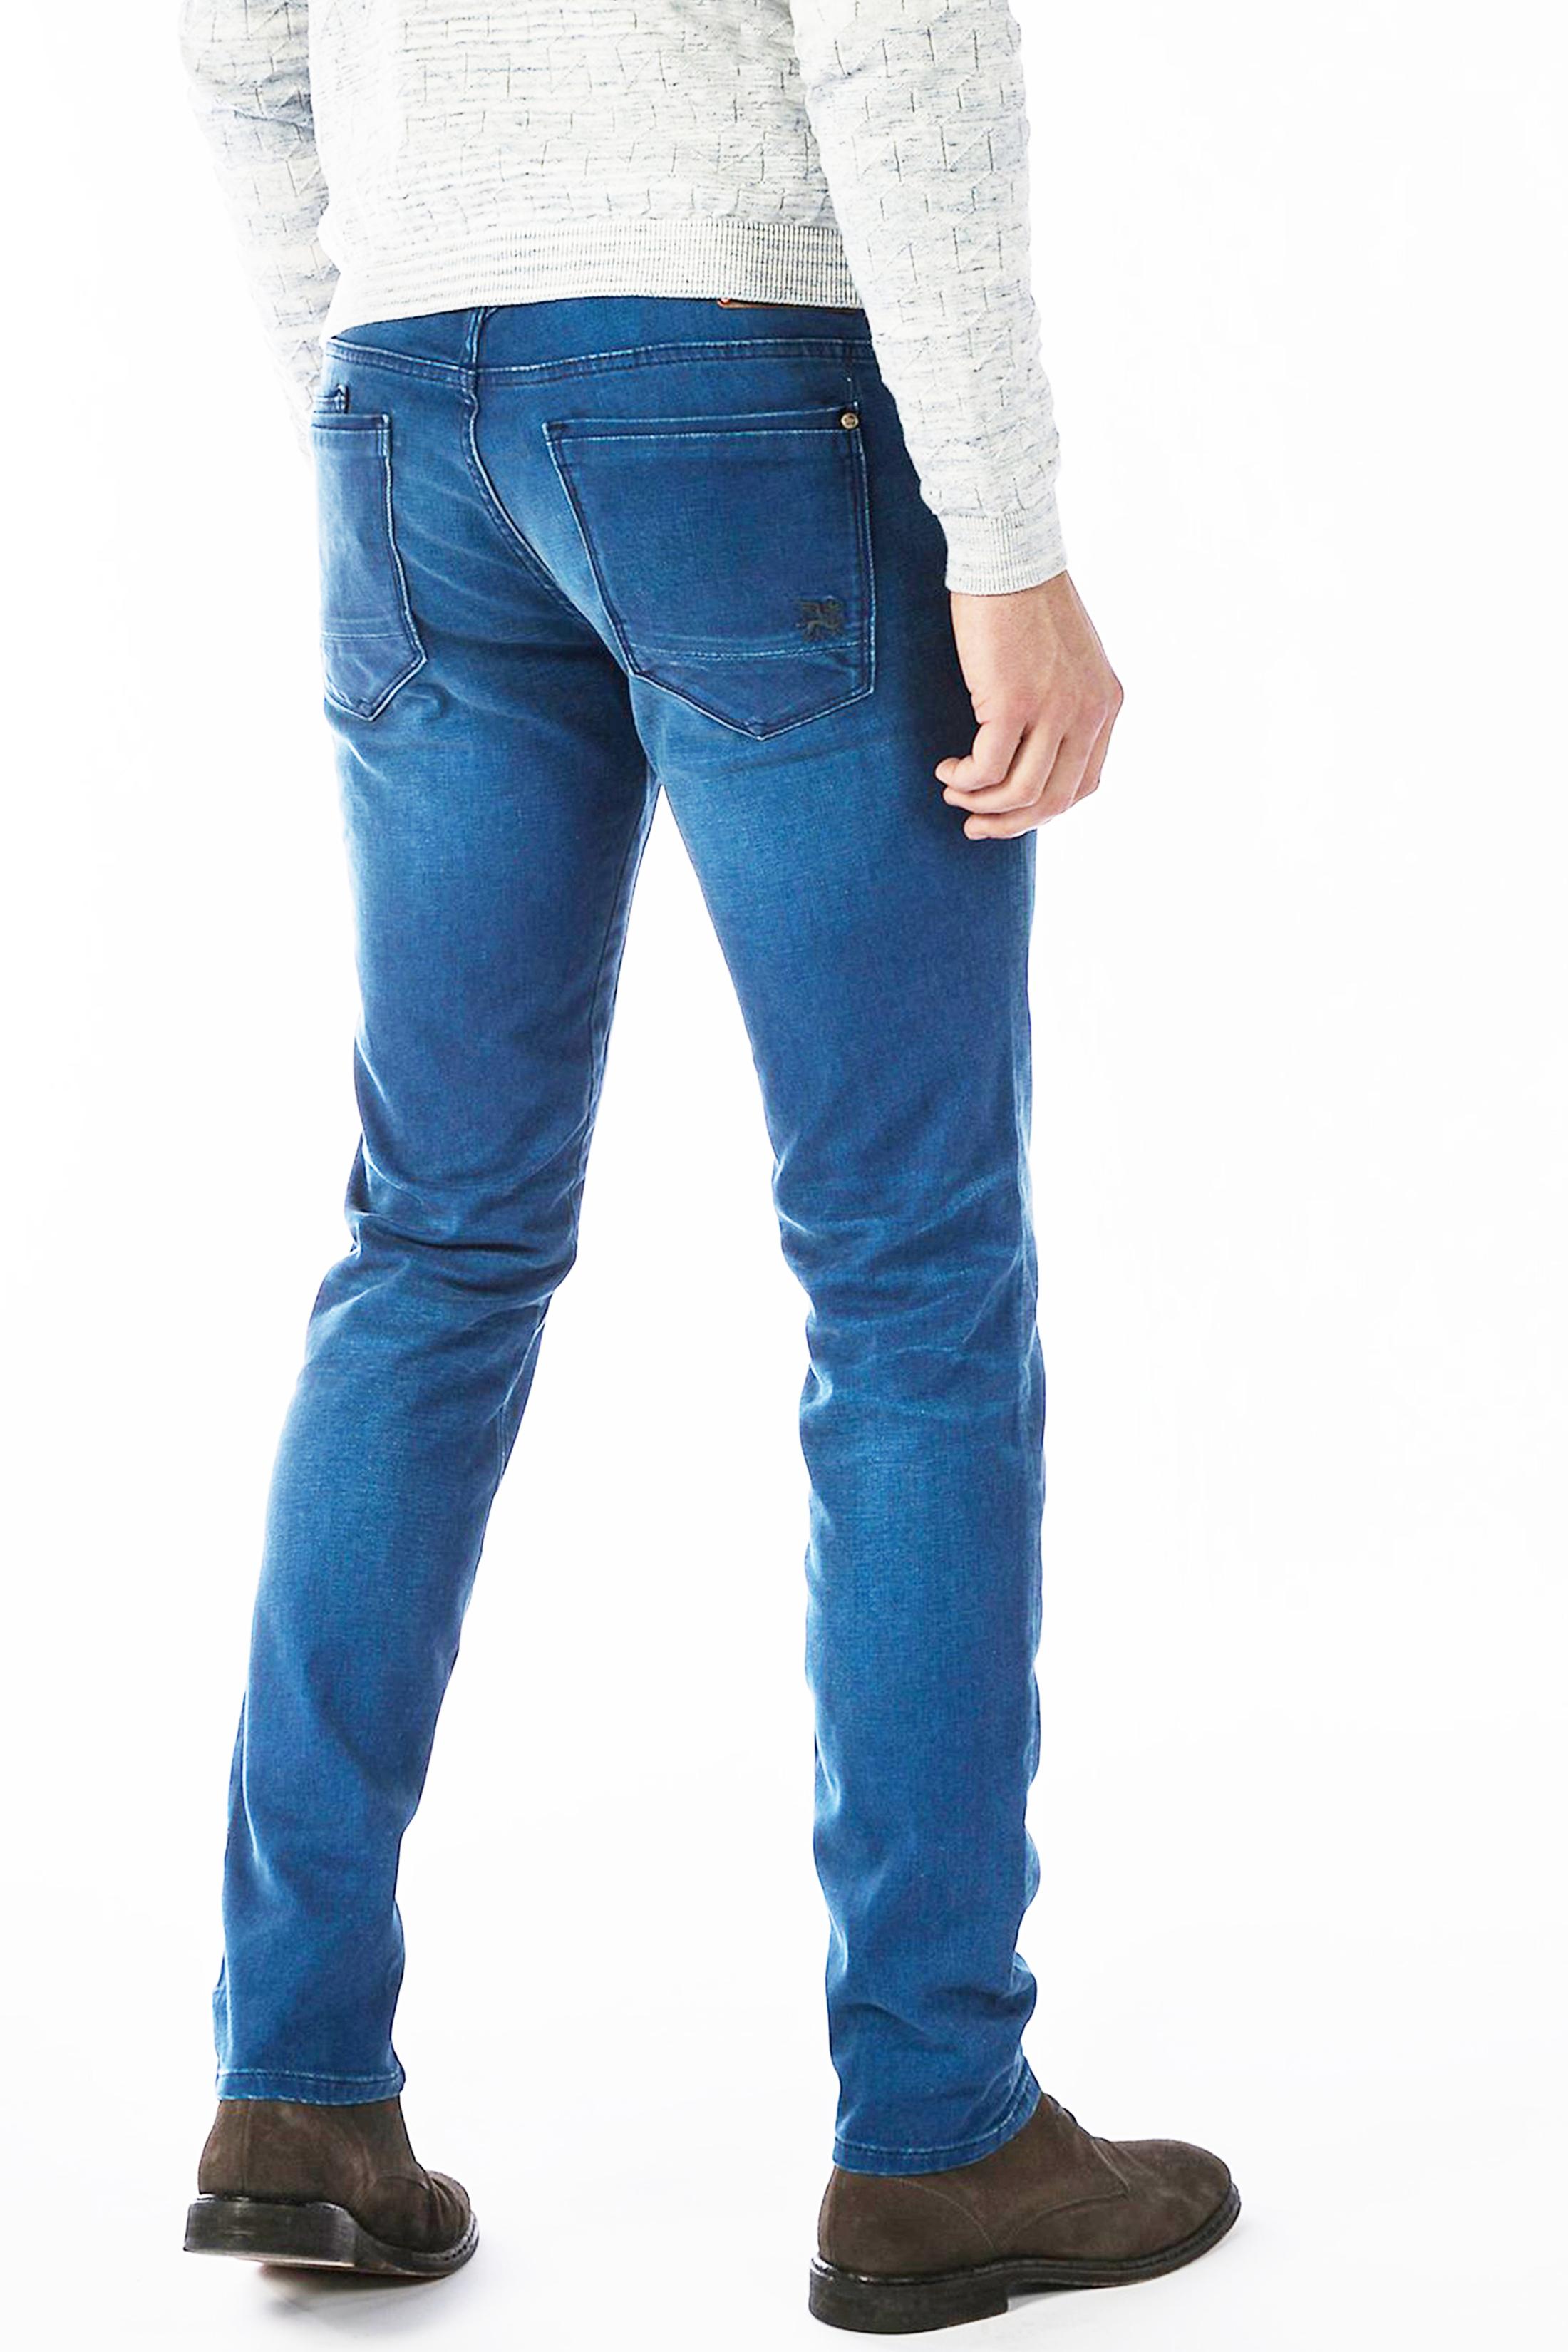 Vanguard V8 Racer Jeans Bright Blue foto 6